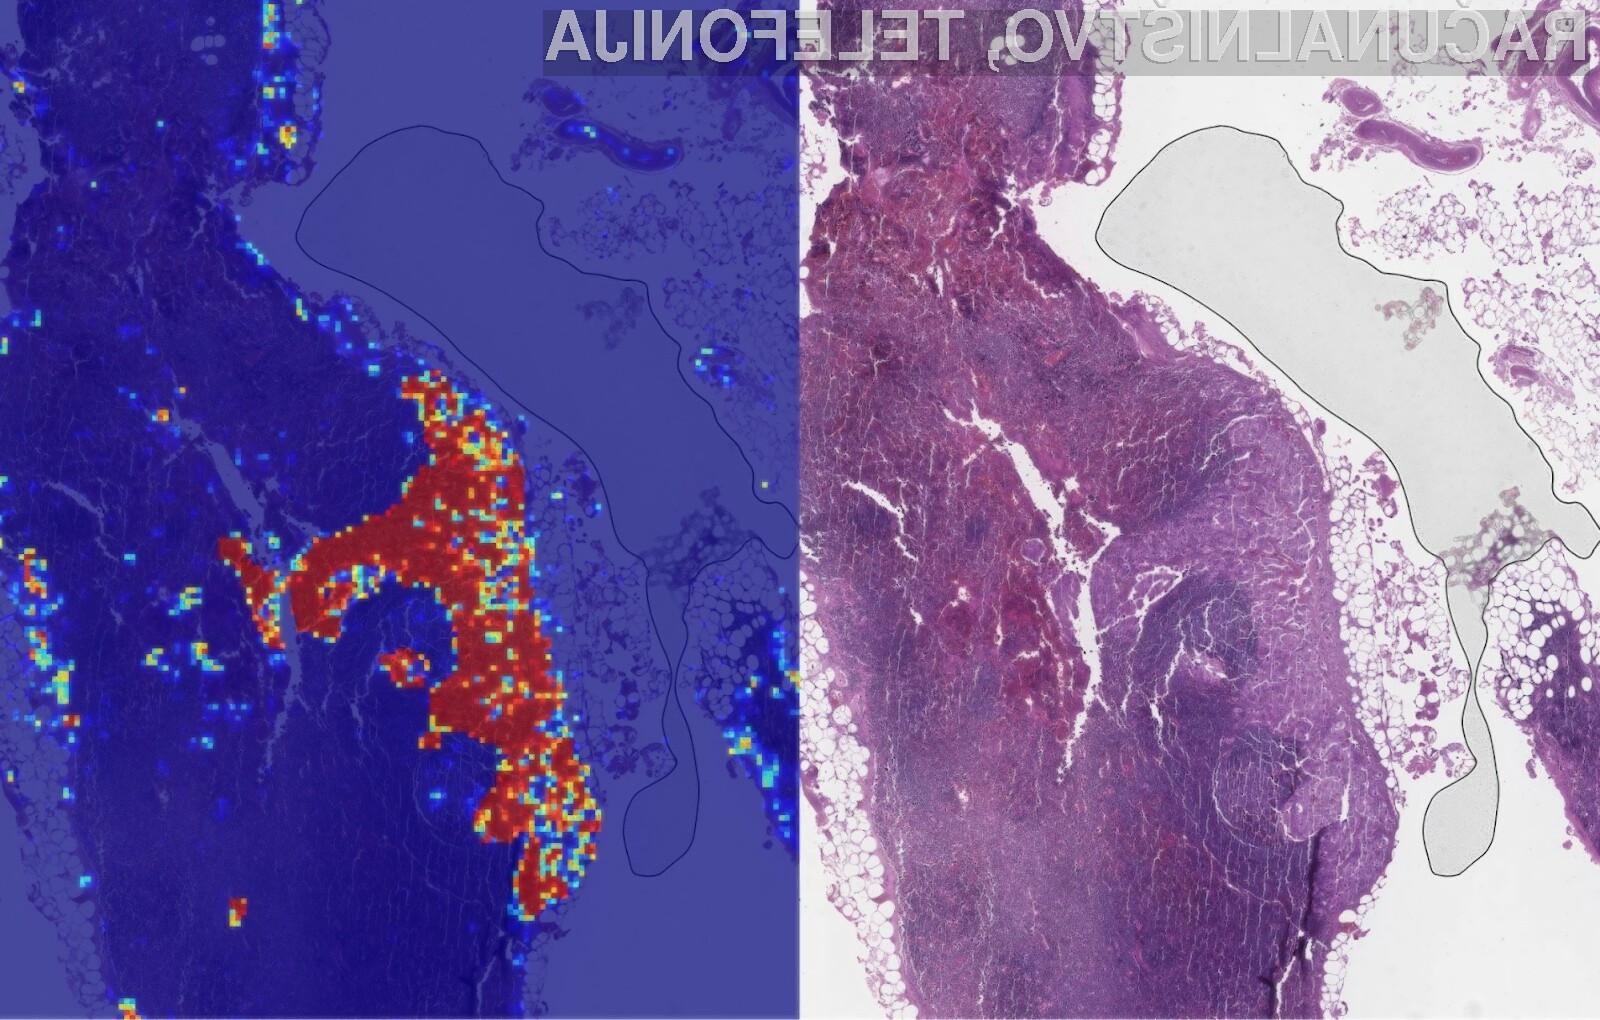 Googlova umetna inteligenca lahko s kar 99 odstotno natančnostjo prepozna rakave celice!